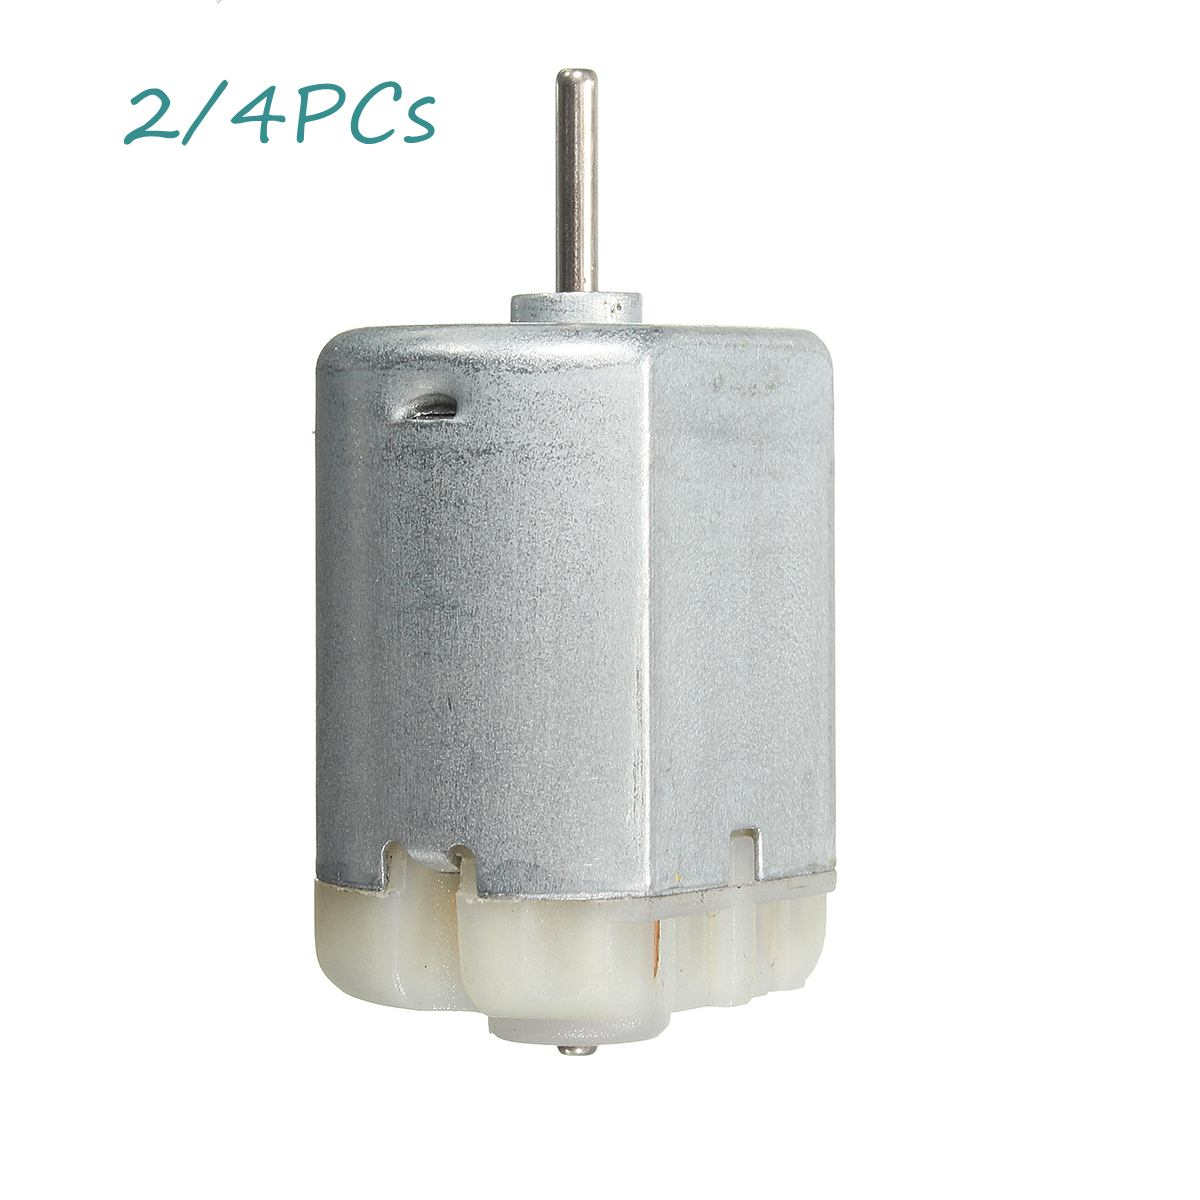 2/4pcs 10mm Car Door Lock Motor Actuator #FC-280PC-22125 For Lexus for Toyota Mabuchi